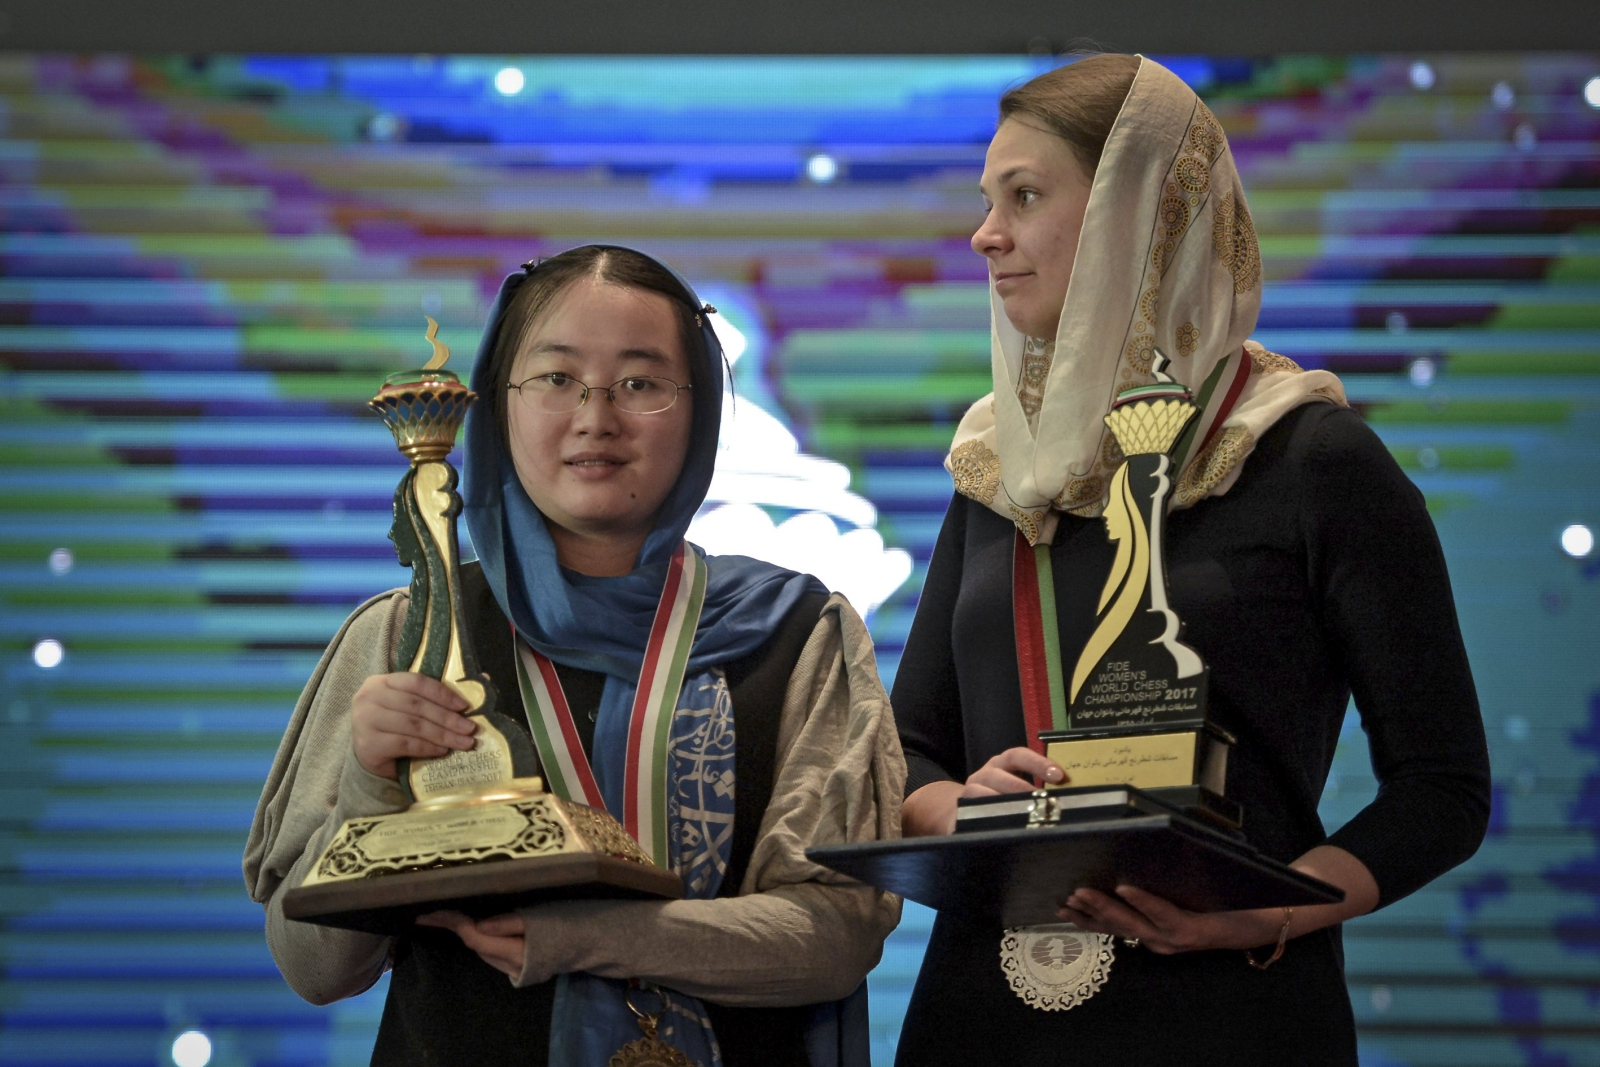 Chinka Tan Zhongyi - zwyciężczyni Żeńskiego Światowego Turnieju Szachowego w Iranie oraz Anna Muzychuk z Ukrainy, która zajęła drugie miejsce. Fot. PAP/EPA/STRINGER